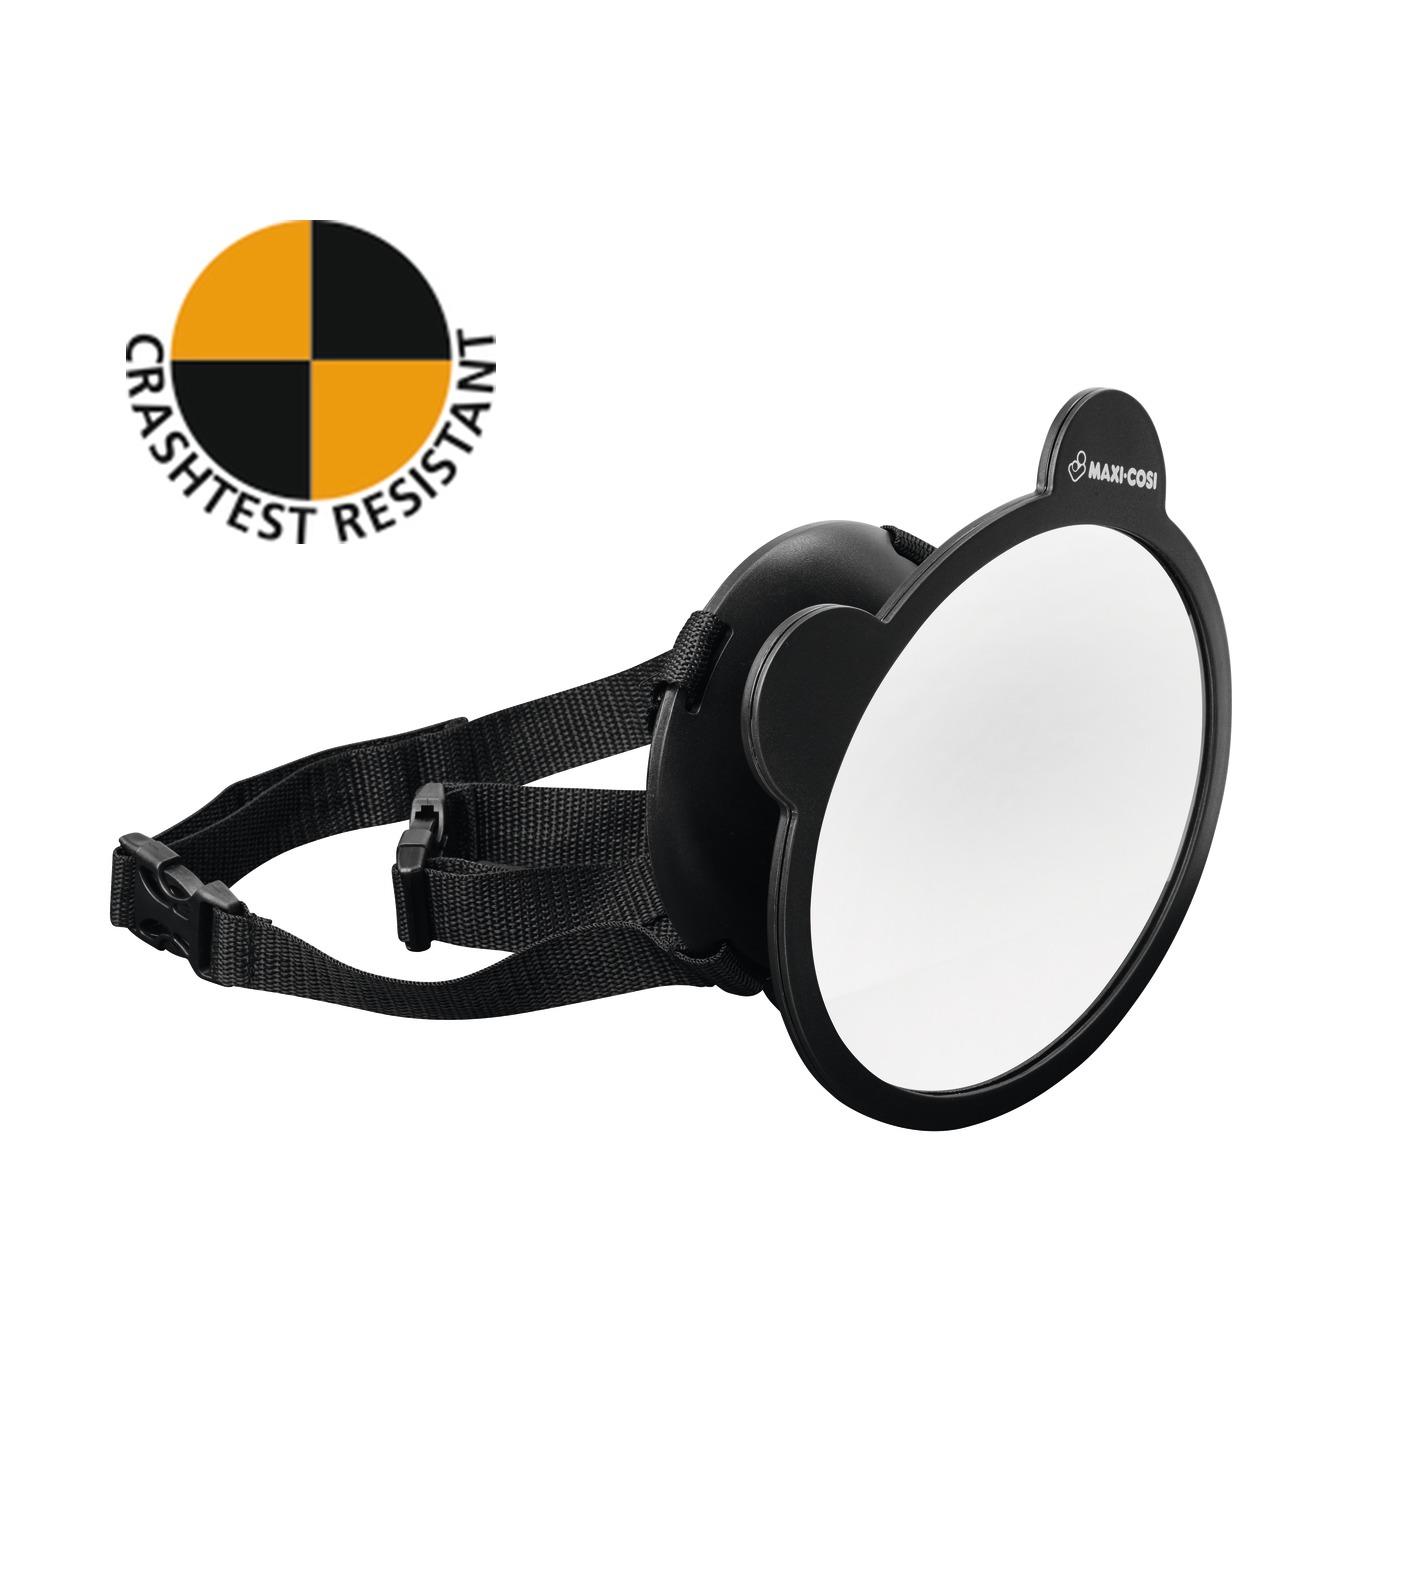 Oglinda Retrovizoare Maxi-cosi